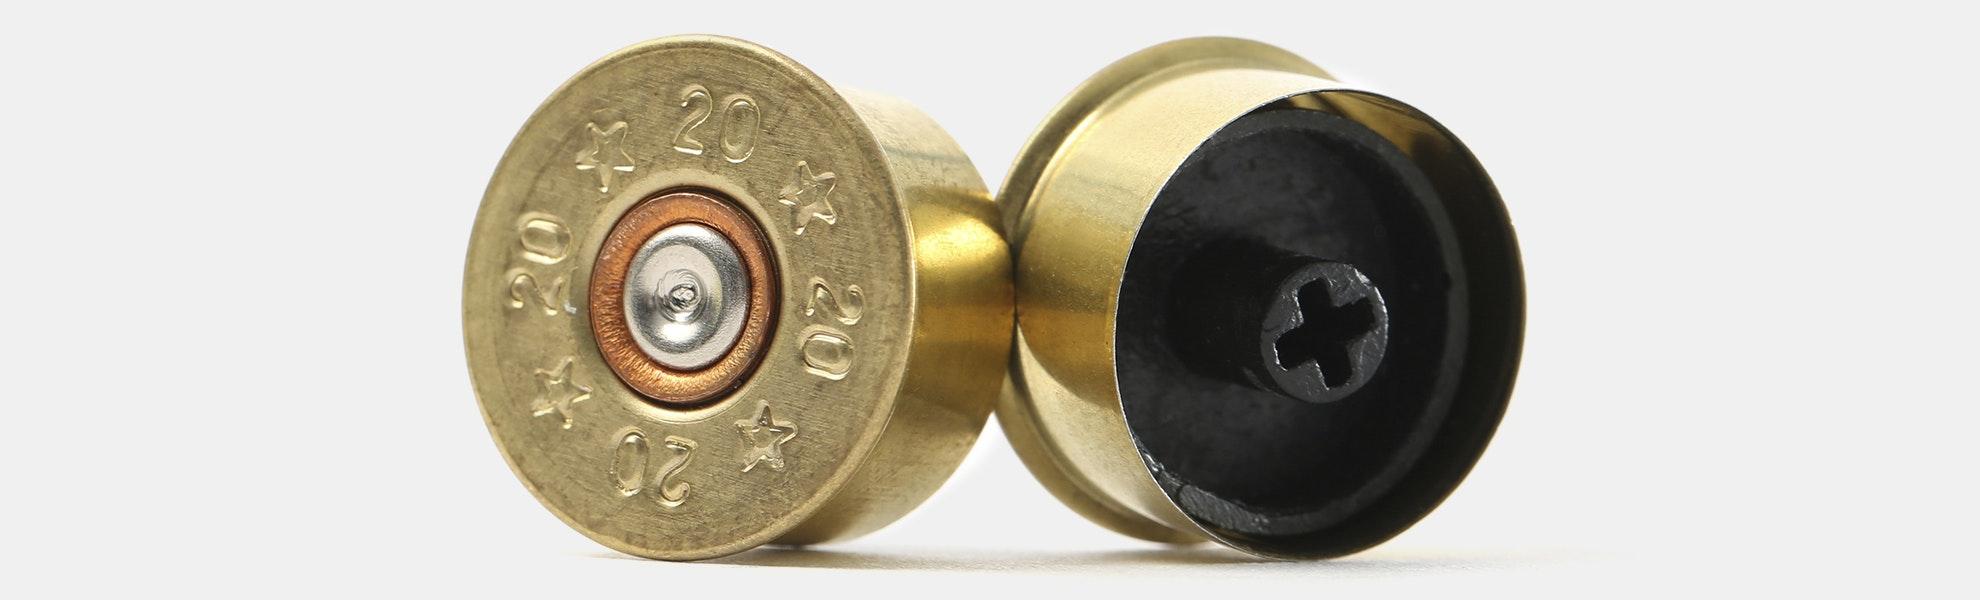 Deskitute Shotgun Artisan Keycap